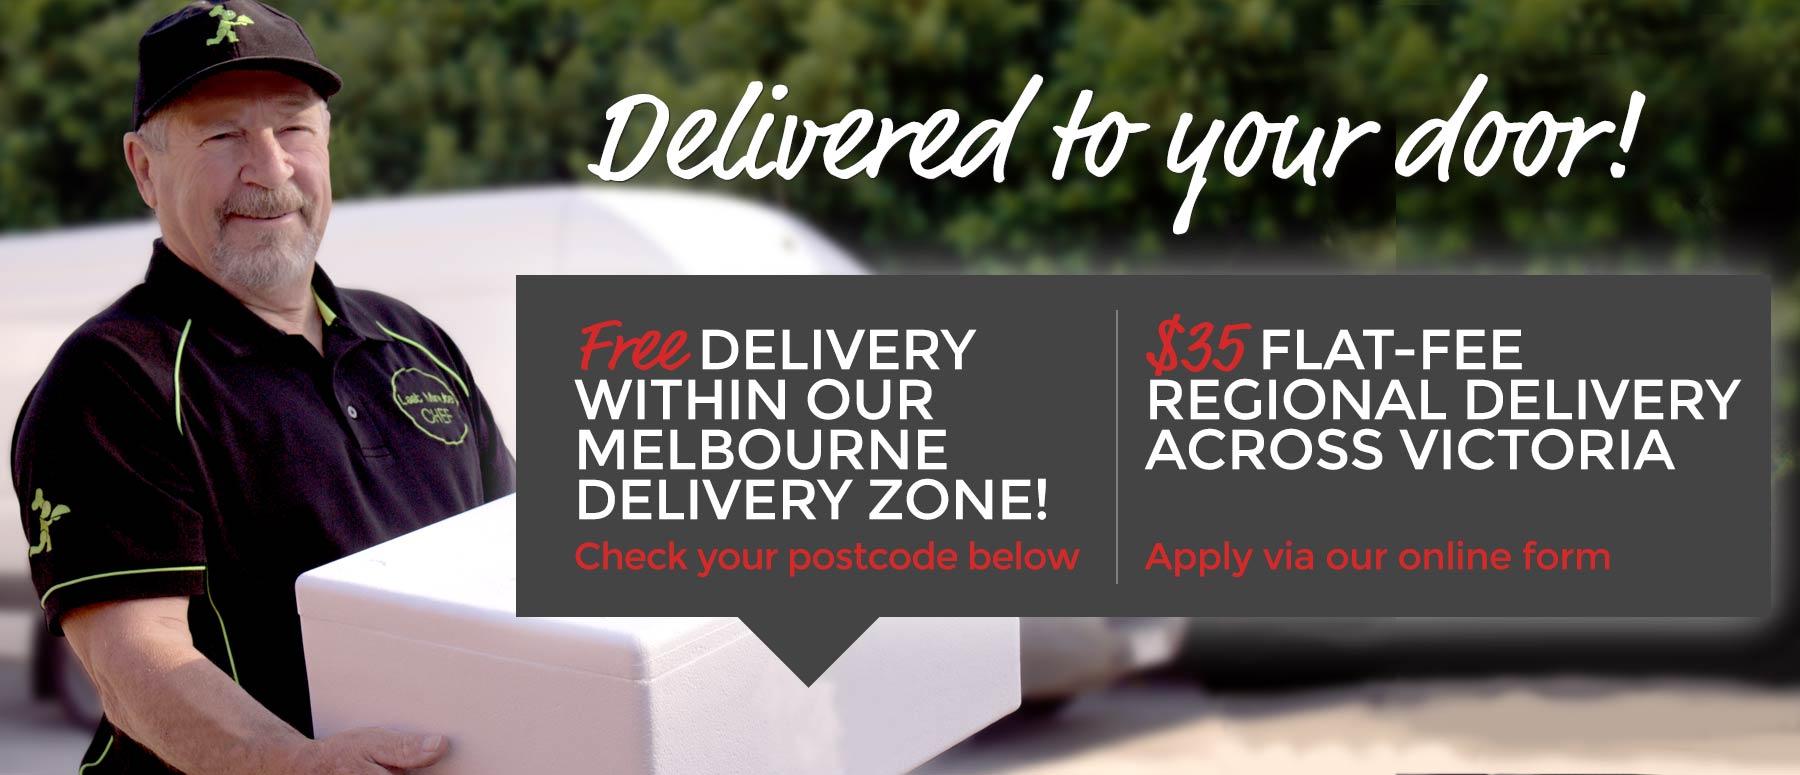 website-banner-delivery